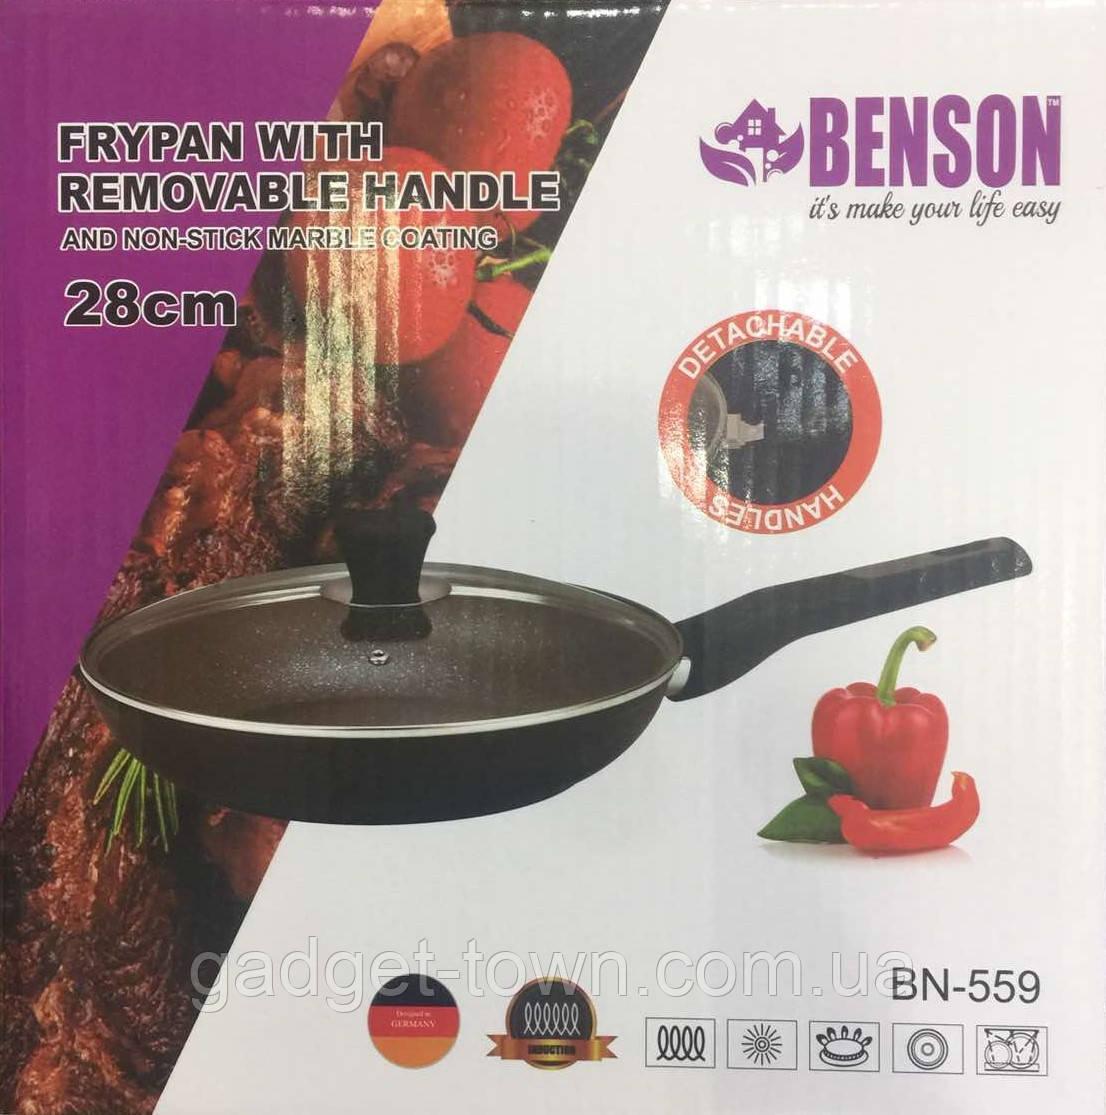 Сковорода с крышкой Benson BN-559 с мраморным покрытием 28 см и съемной ручкой